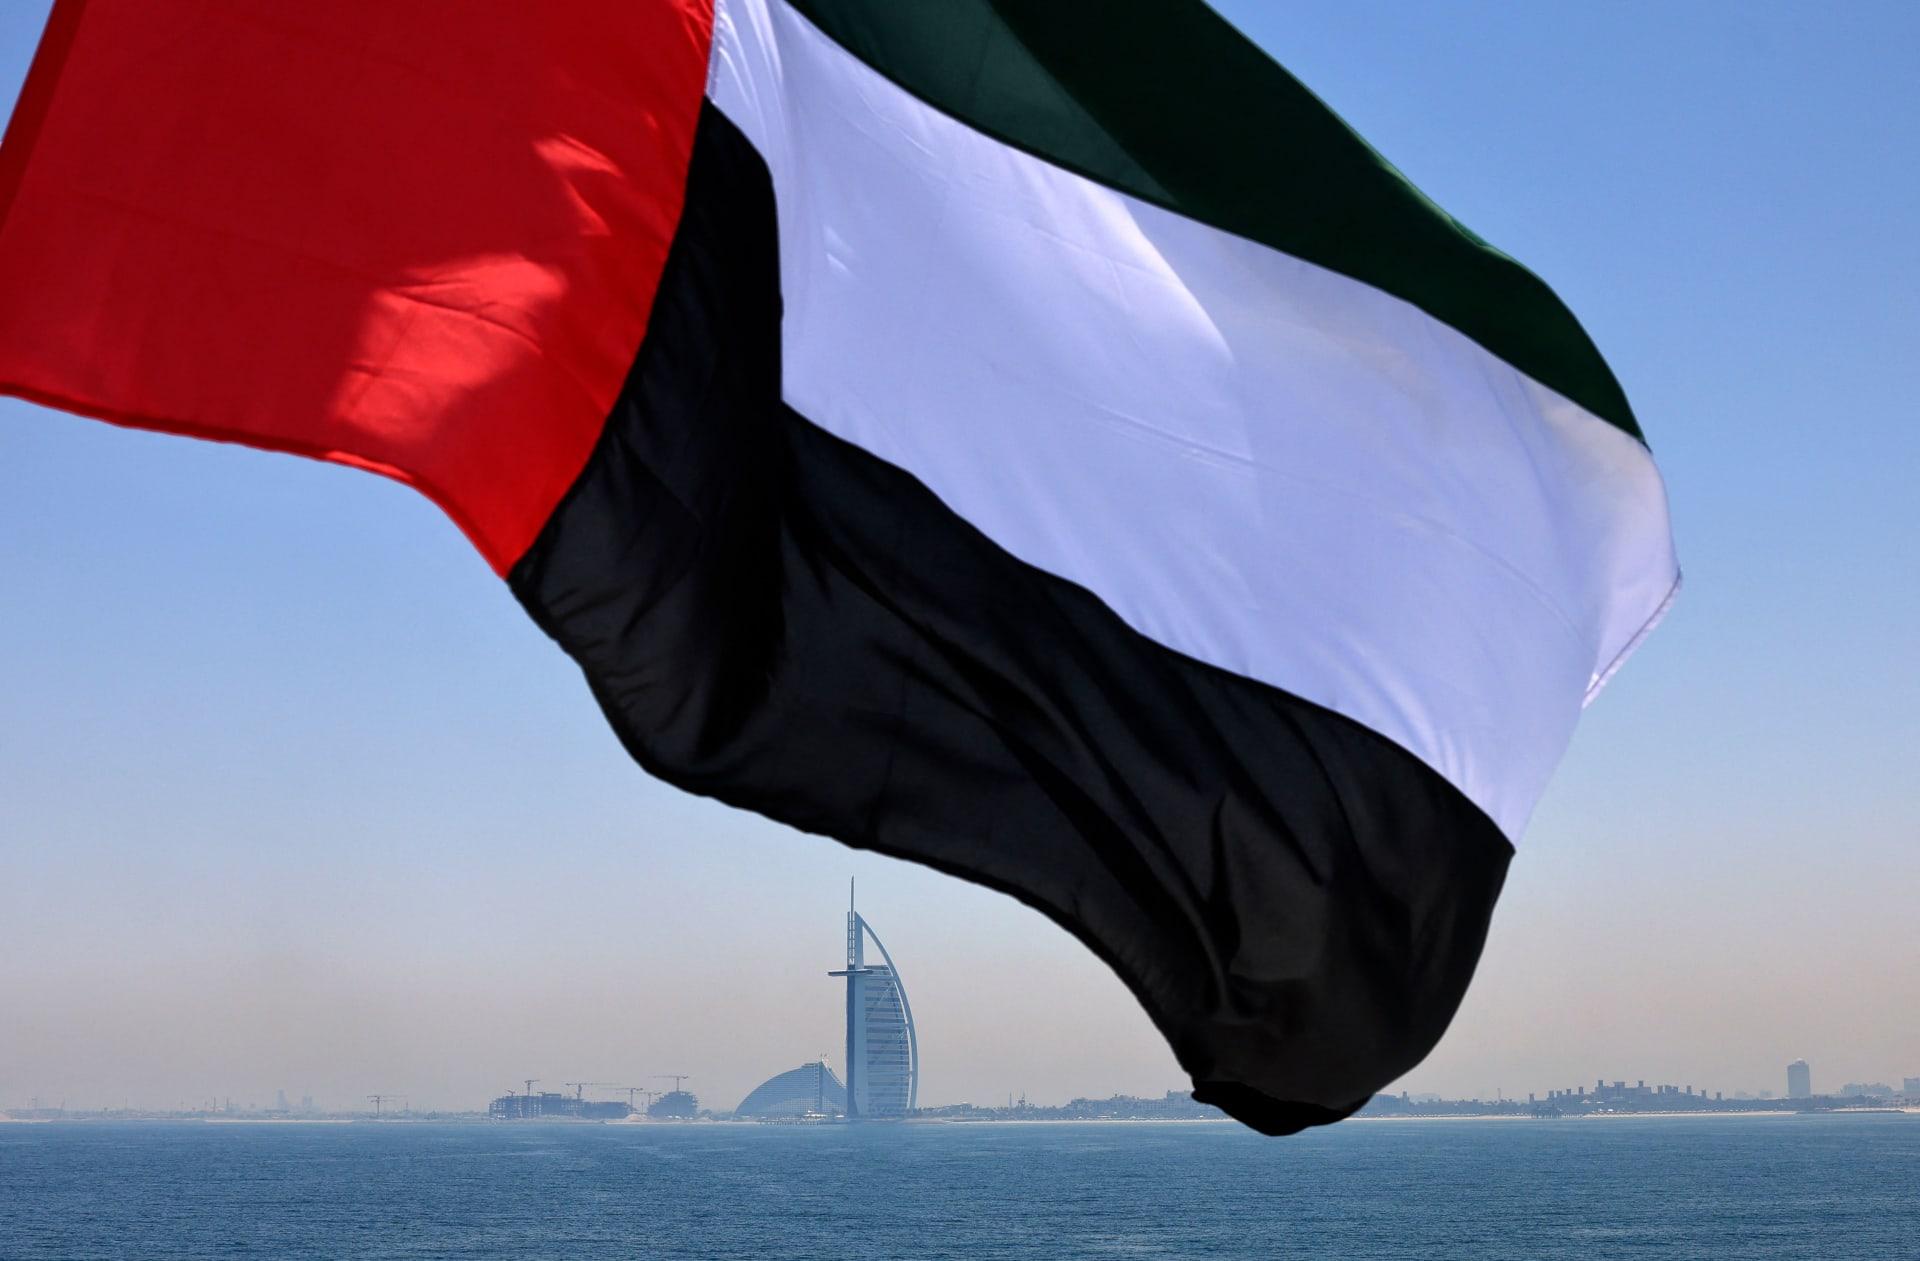 علمًا إماراتيًا يرفرف فوق مرسى دبي مع فندق برج العرب في الخلفية - 3 يونيو 2021